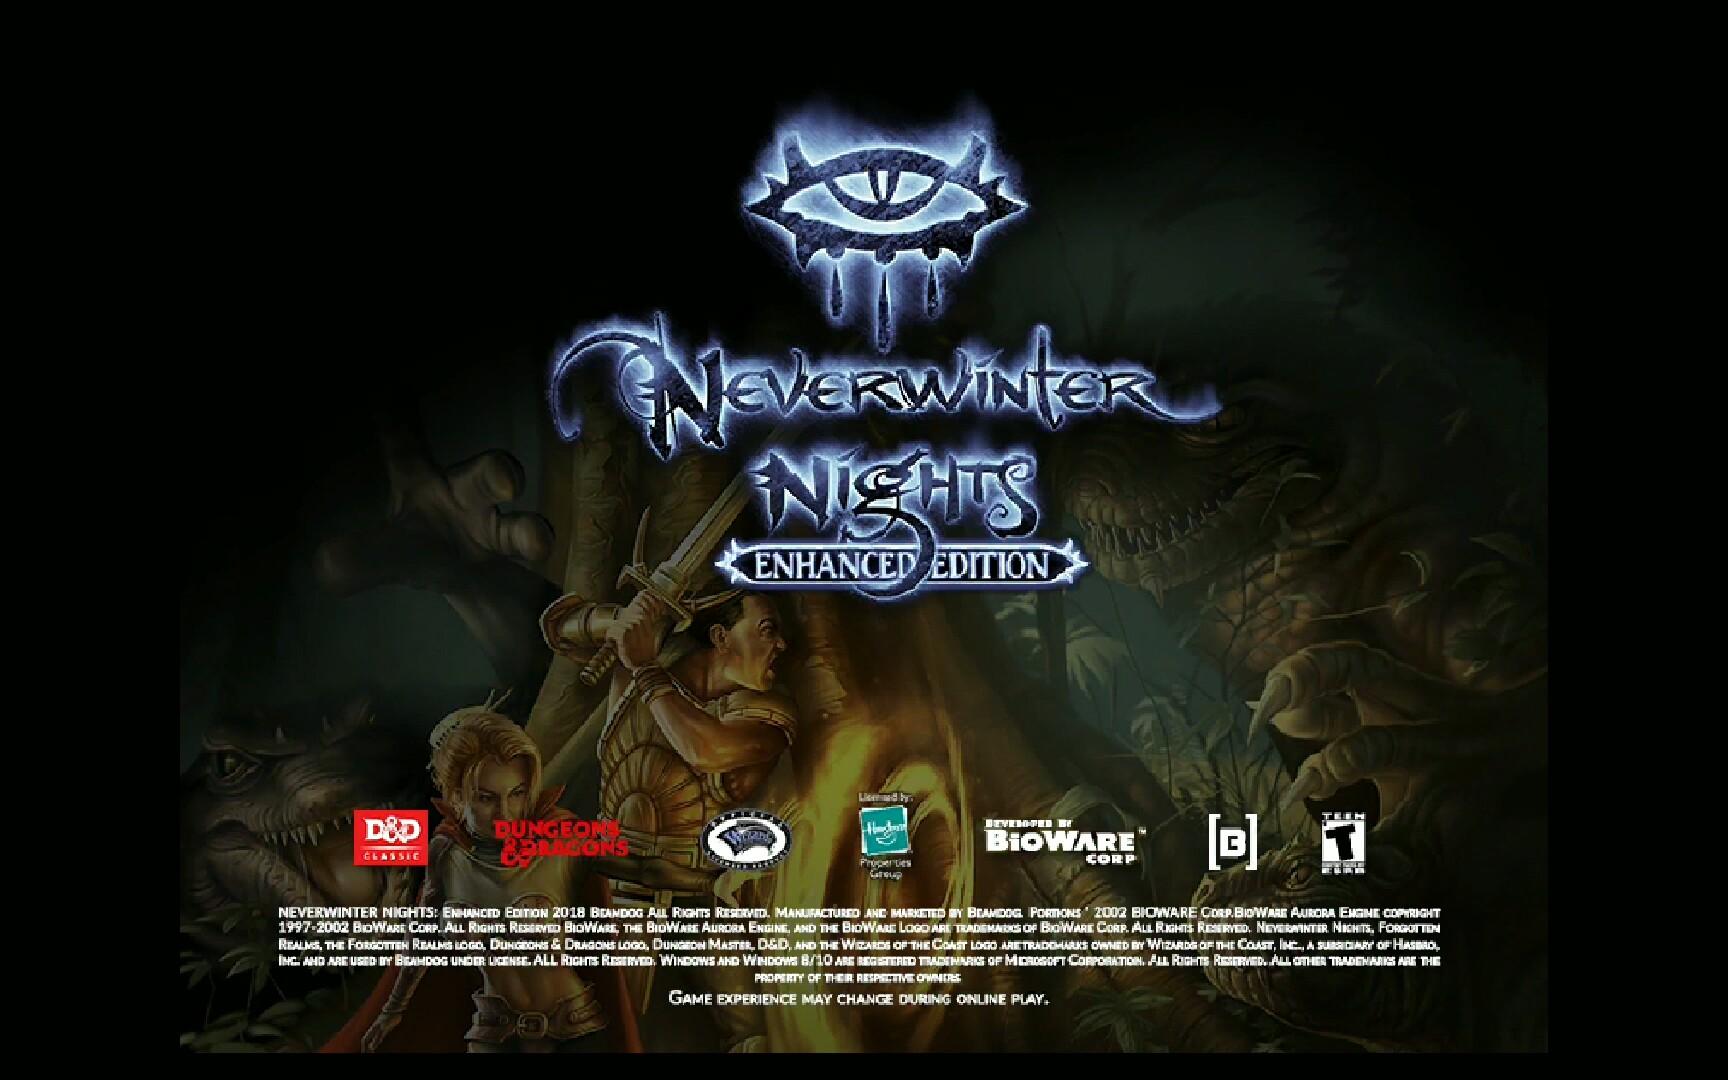 好消息!手机上也能玩上pc曾经的RPG神作《无冬之夜》